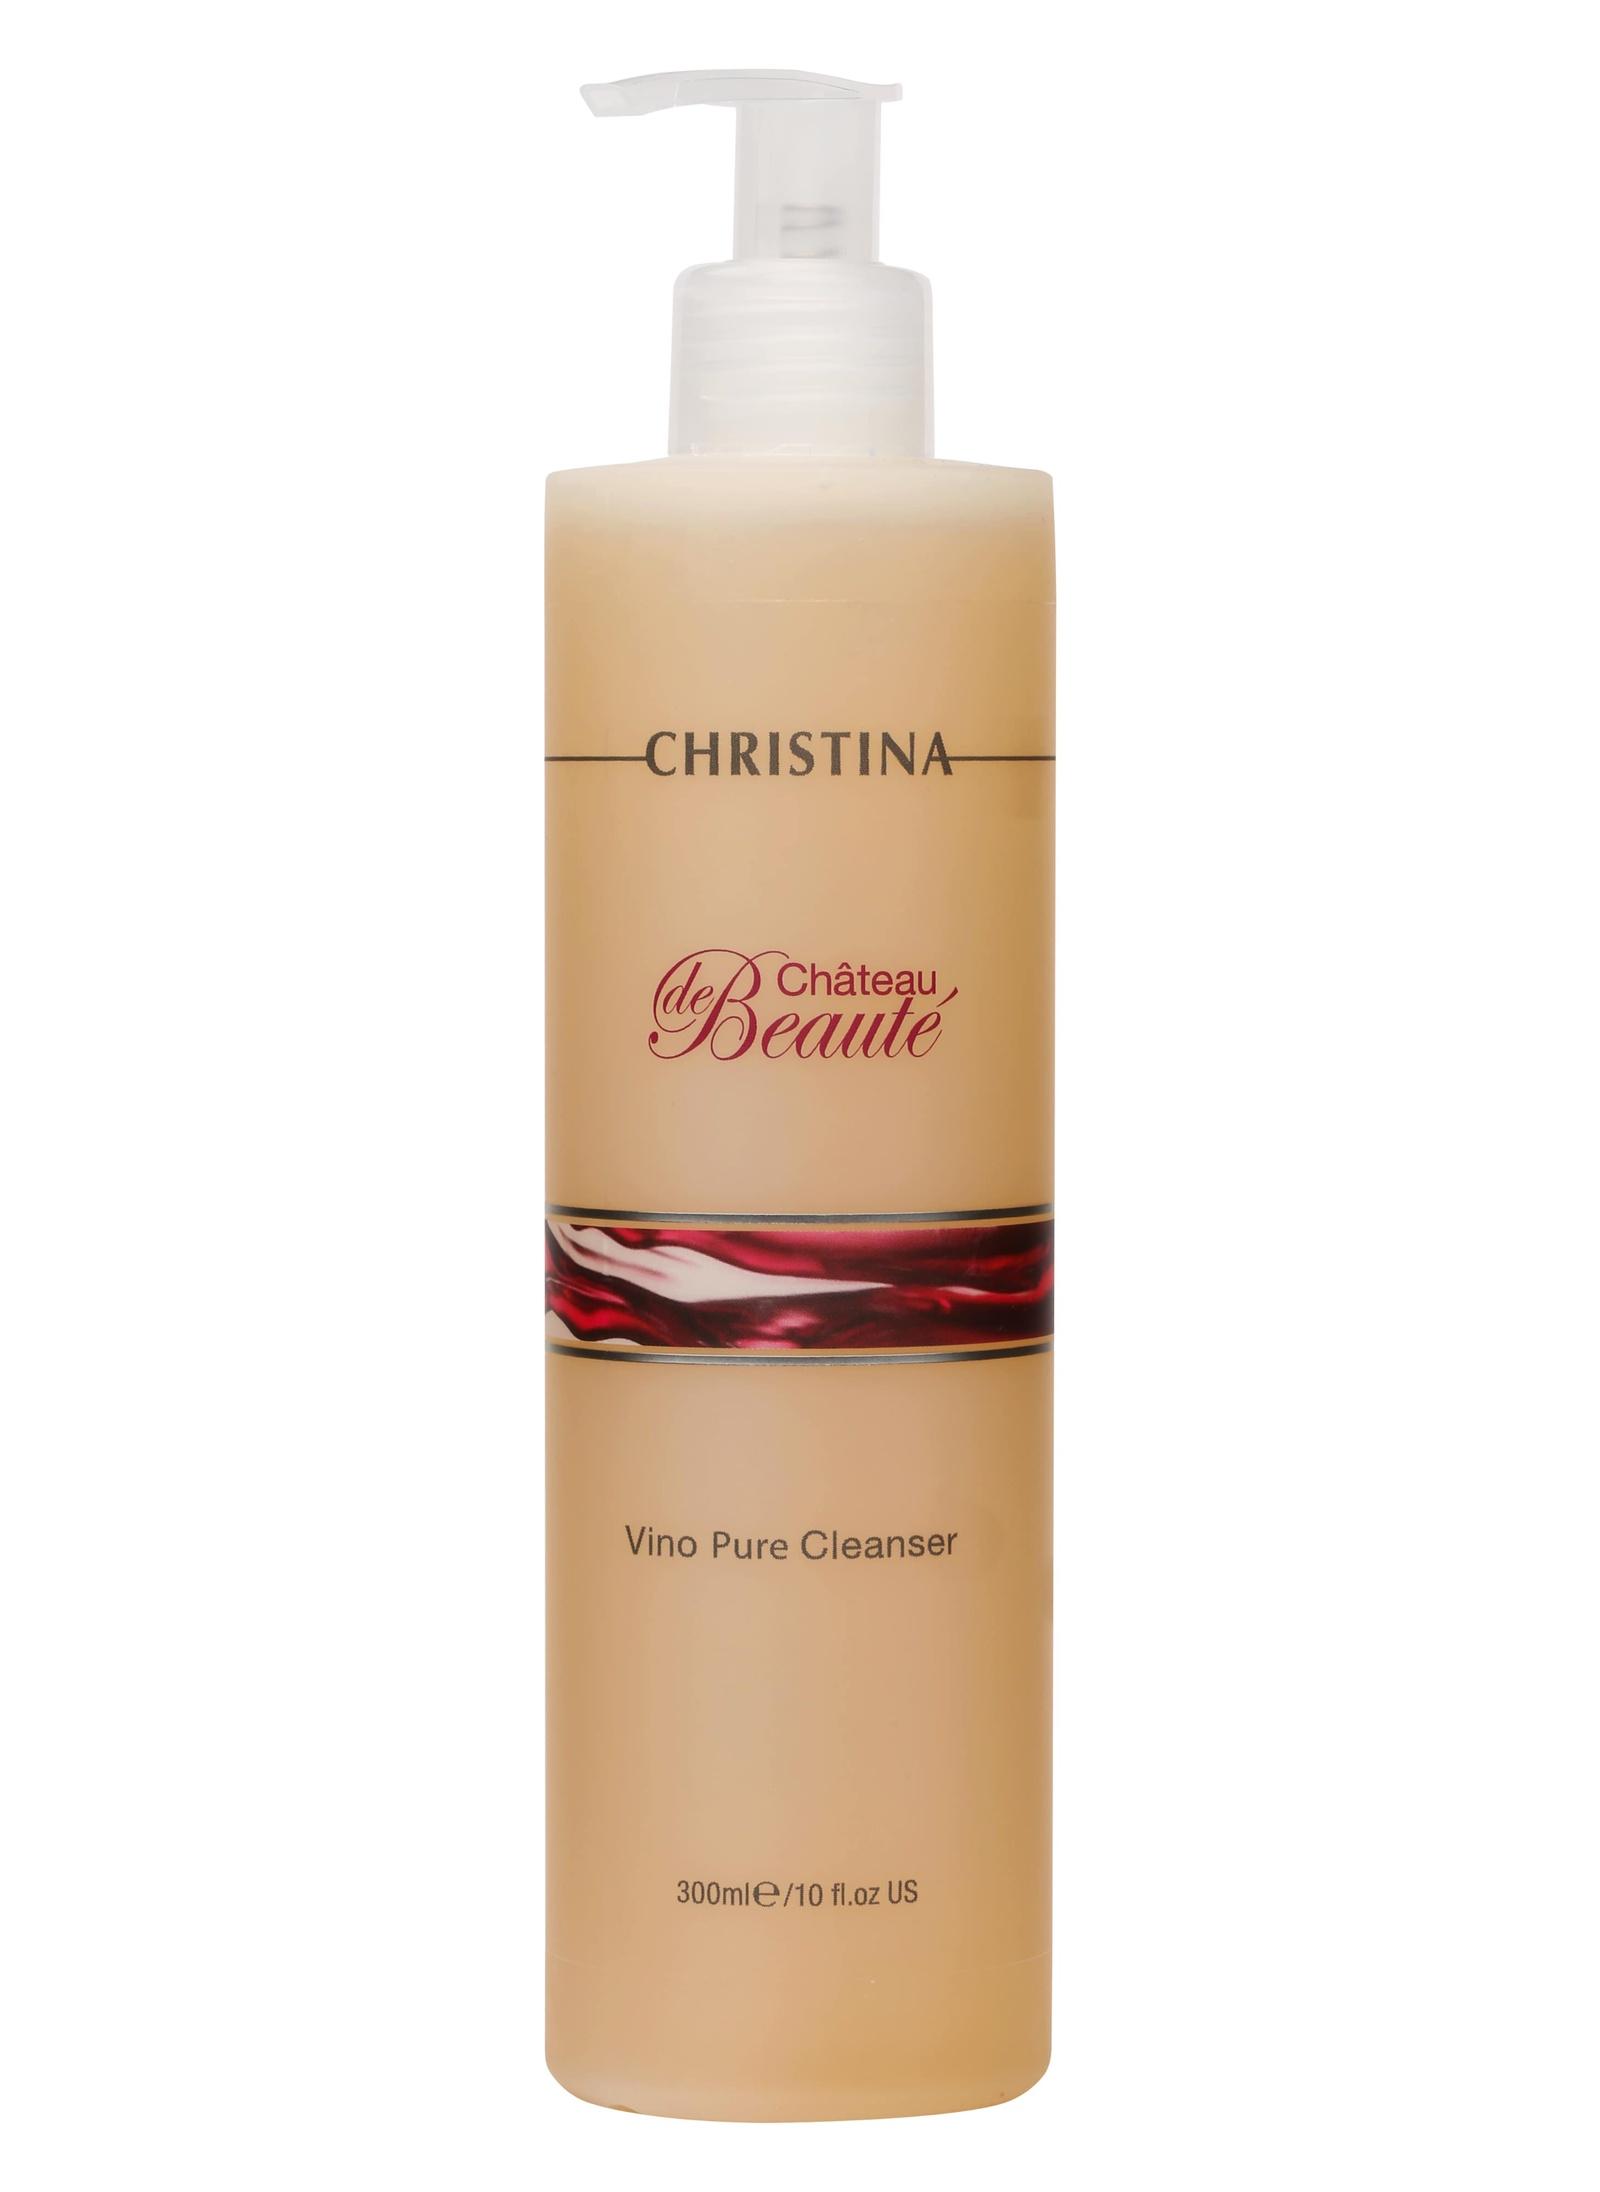 Гель для умывания CHRISTINA Очищающий гель Chateau de Beaute Vino Pure Cleanser Christina